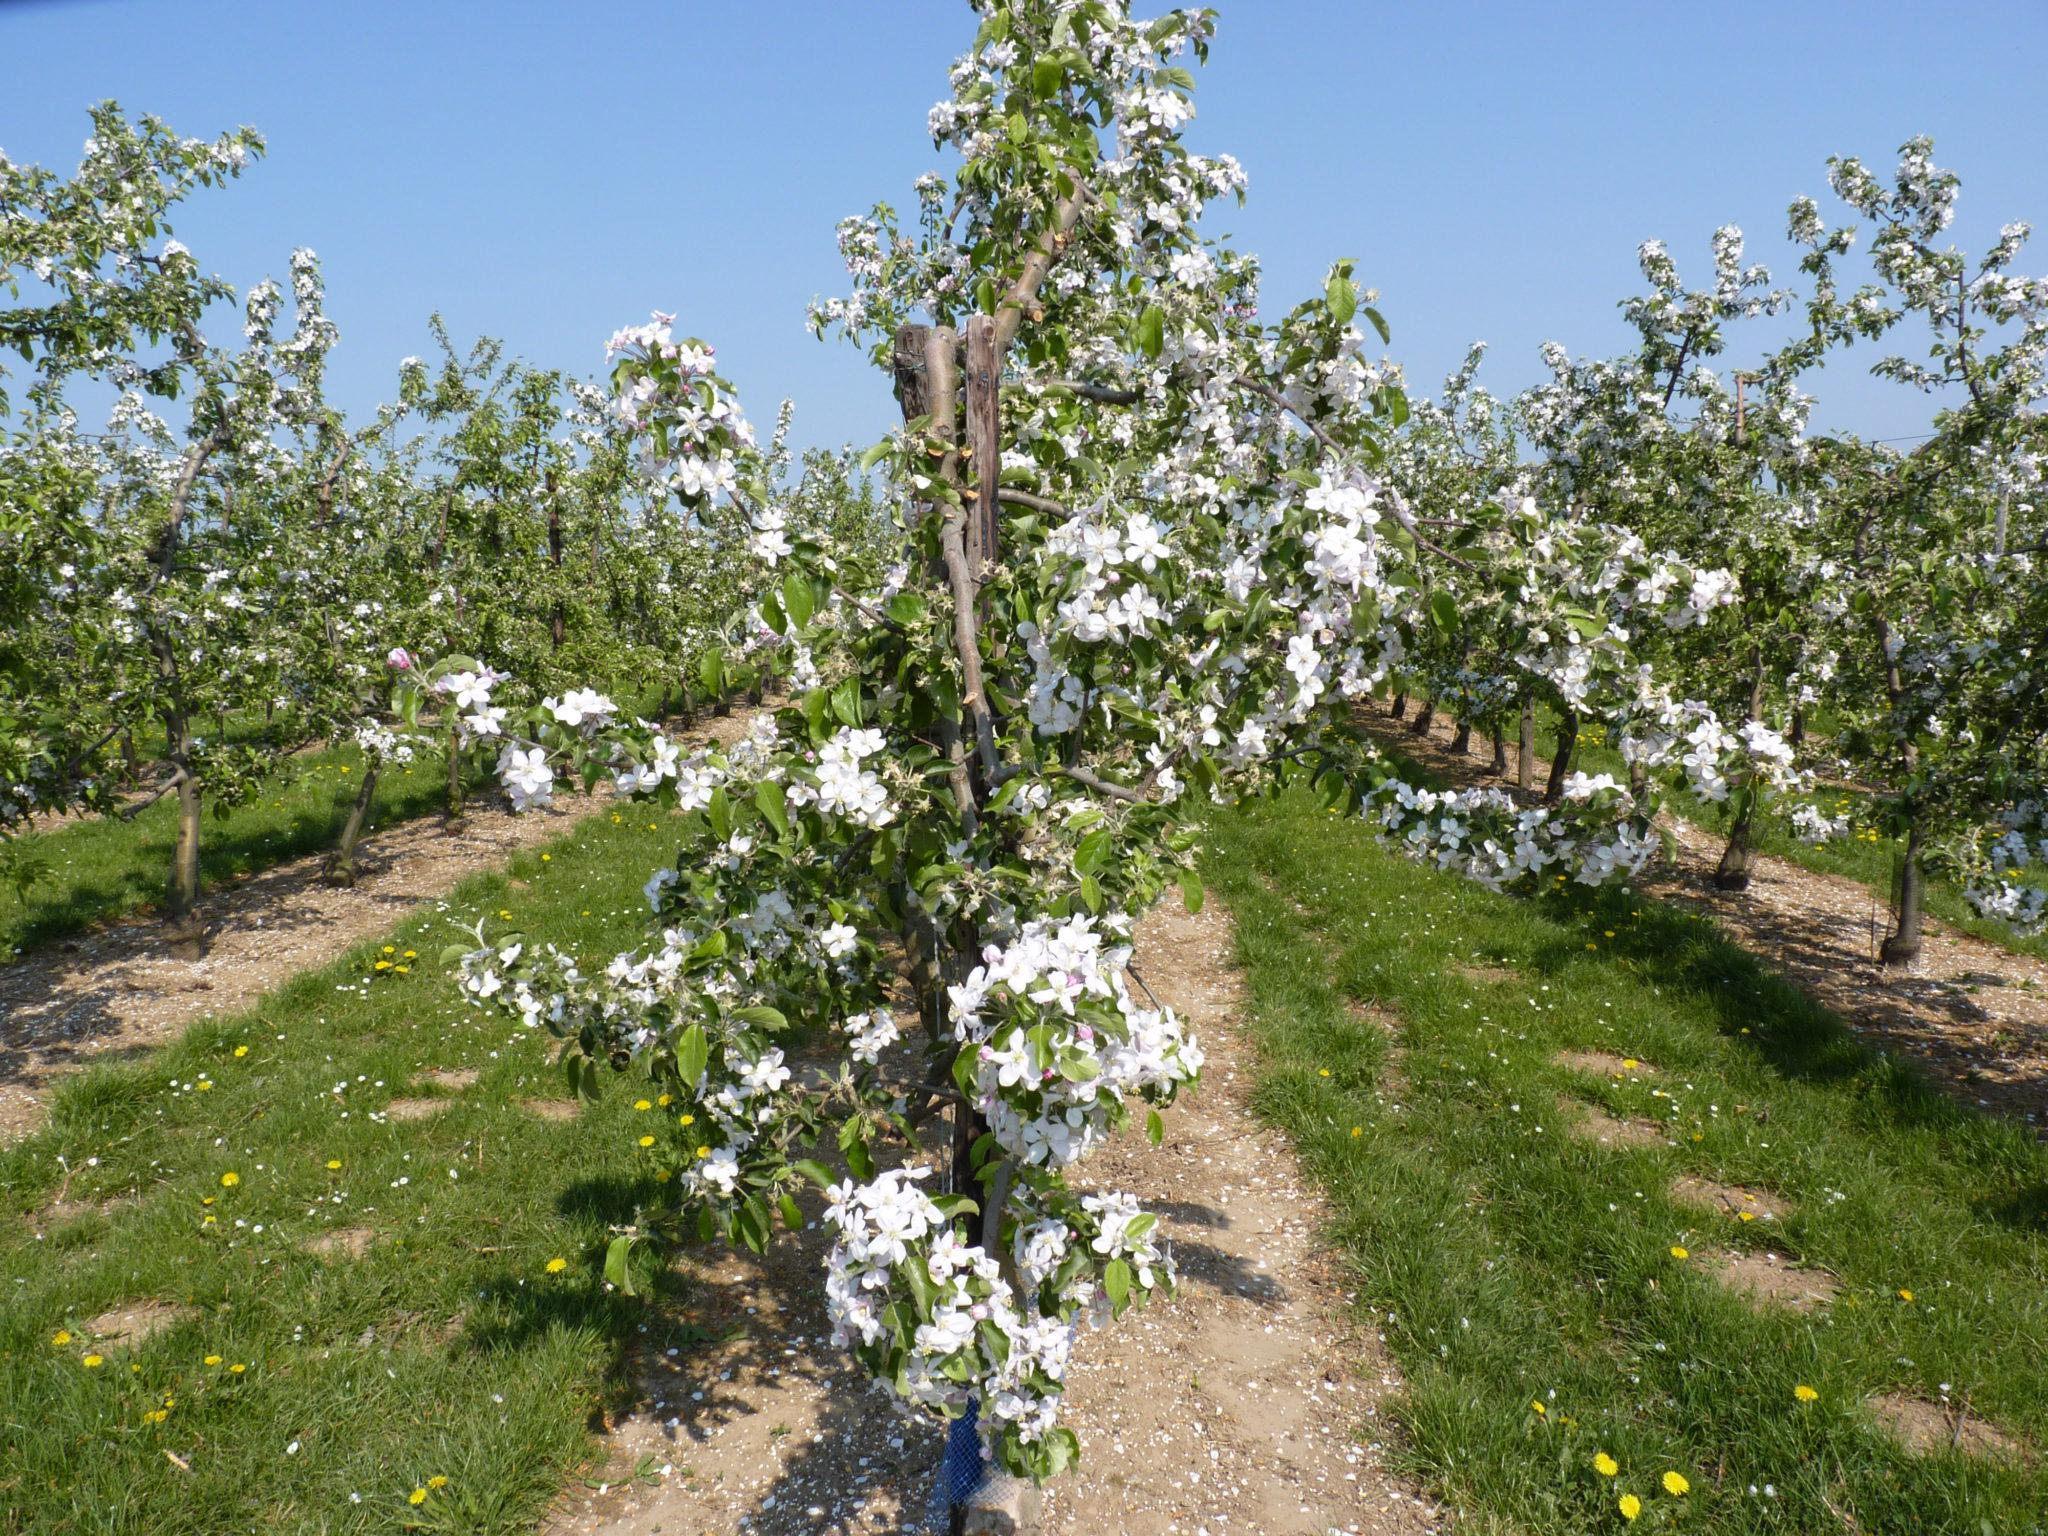 Fruitbomen en landschappen in het Hageland.